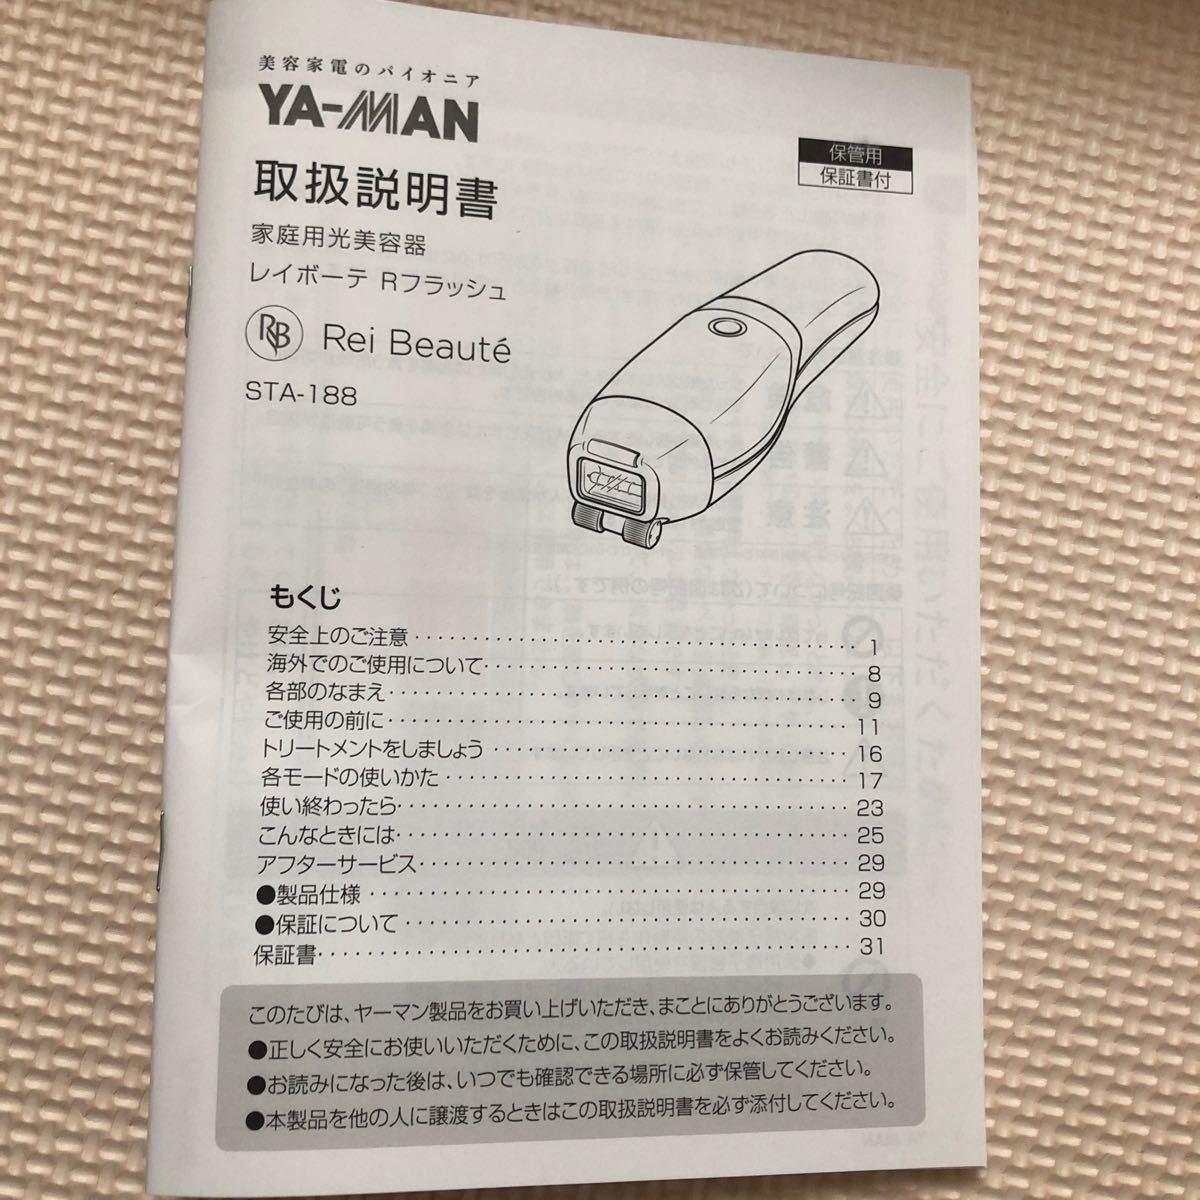 レイボーテRフラッシュ STA-188 ヤーマン